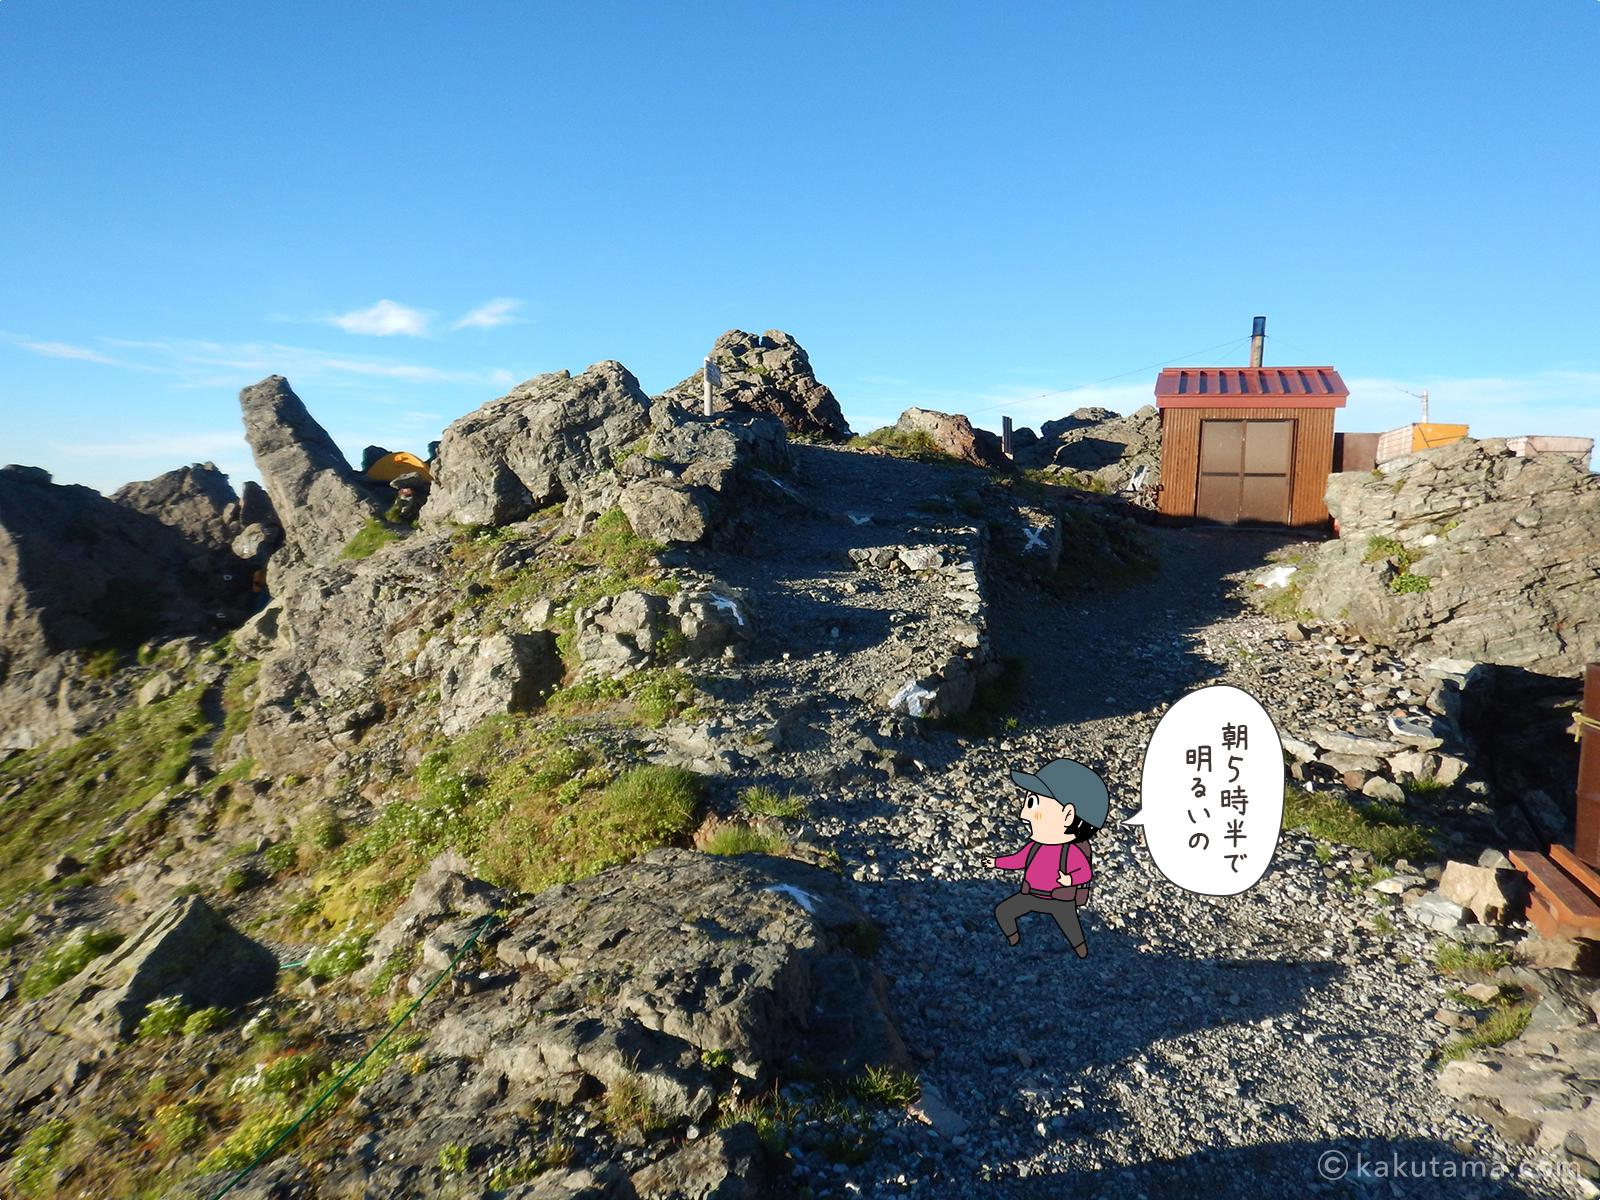 槍ヶ岳山荘テント場から歩く